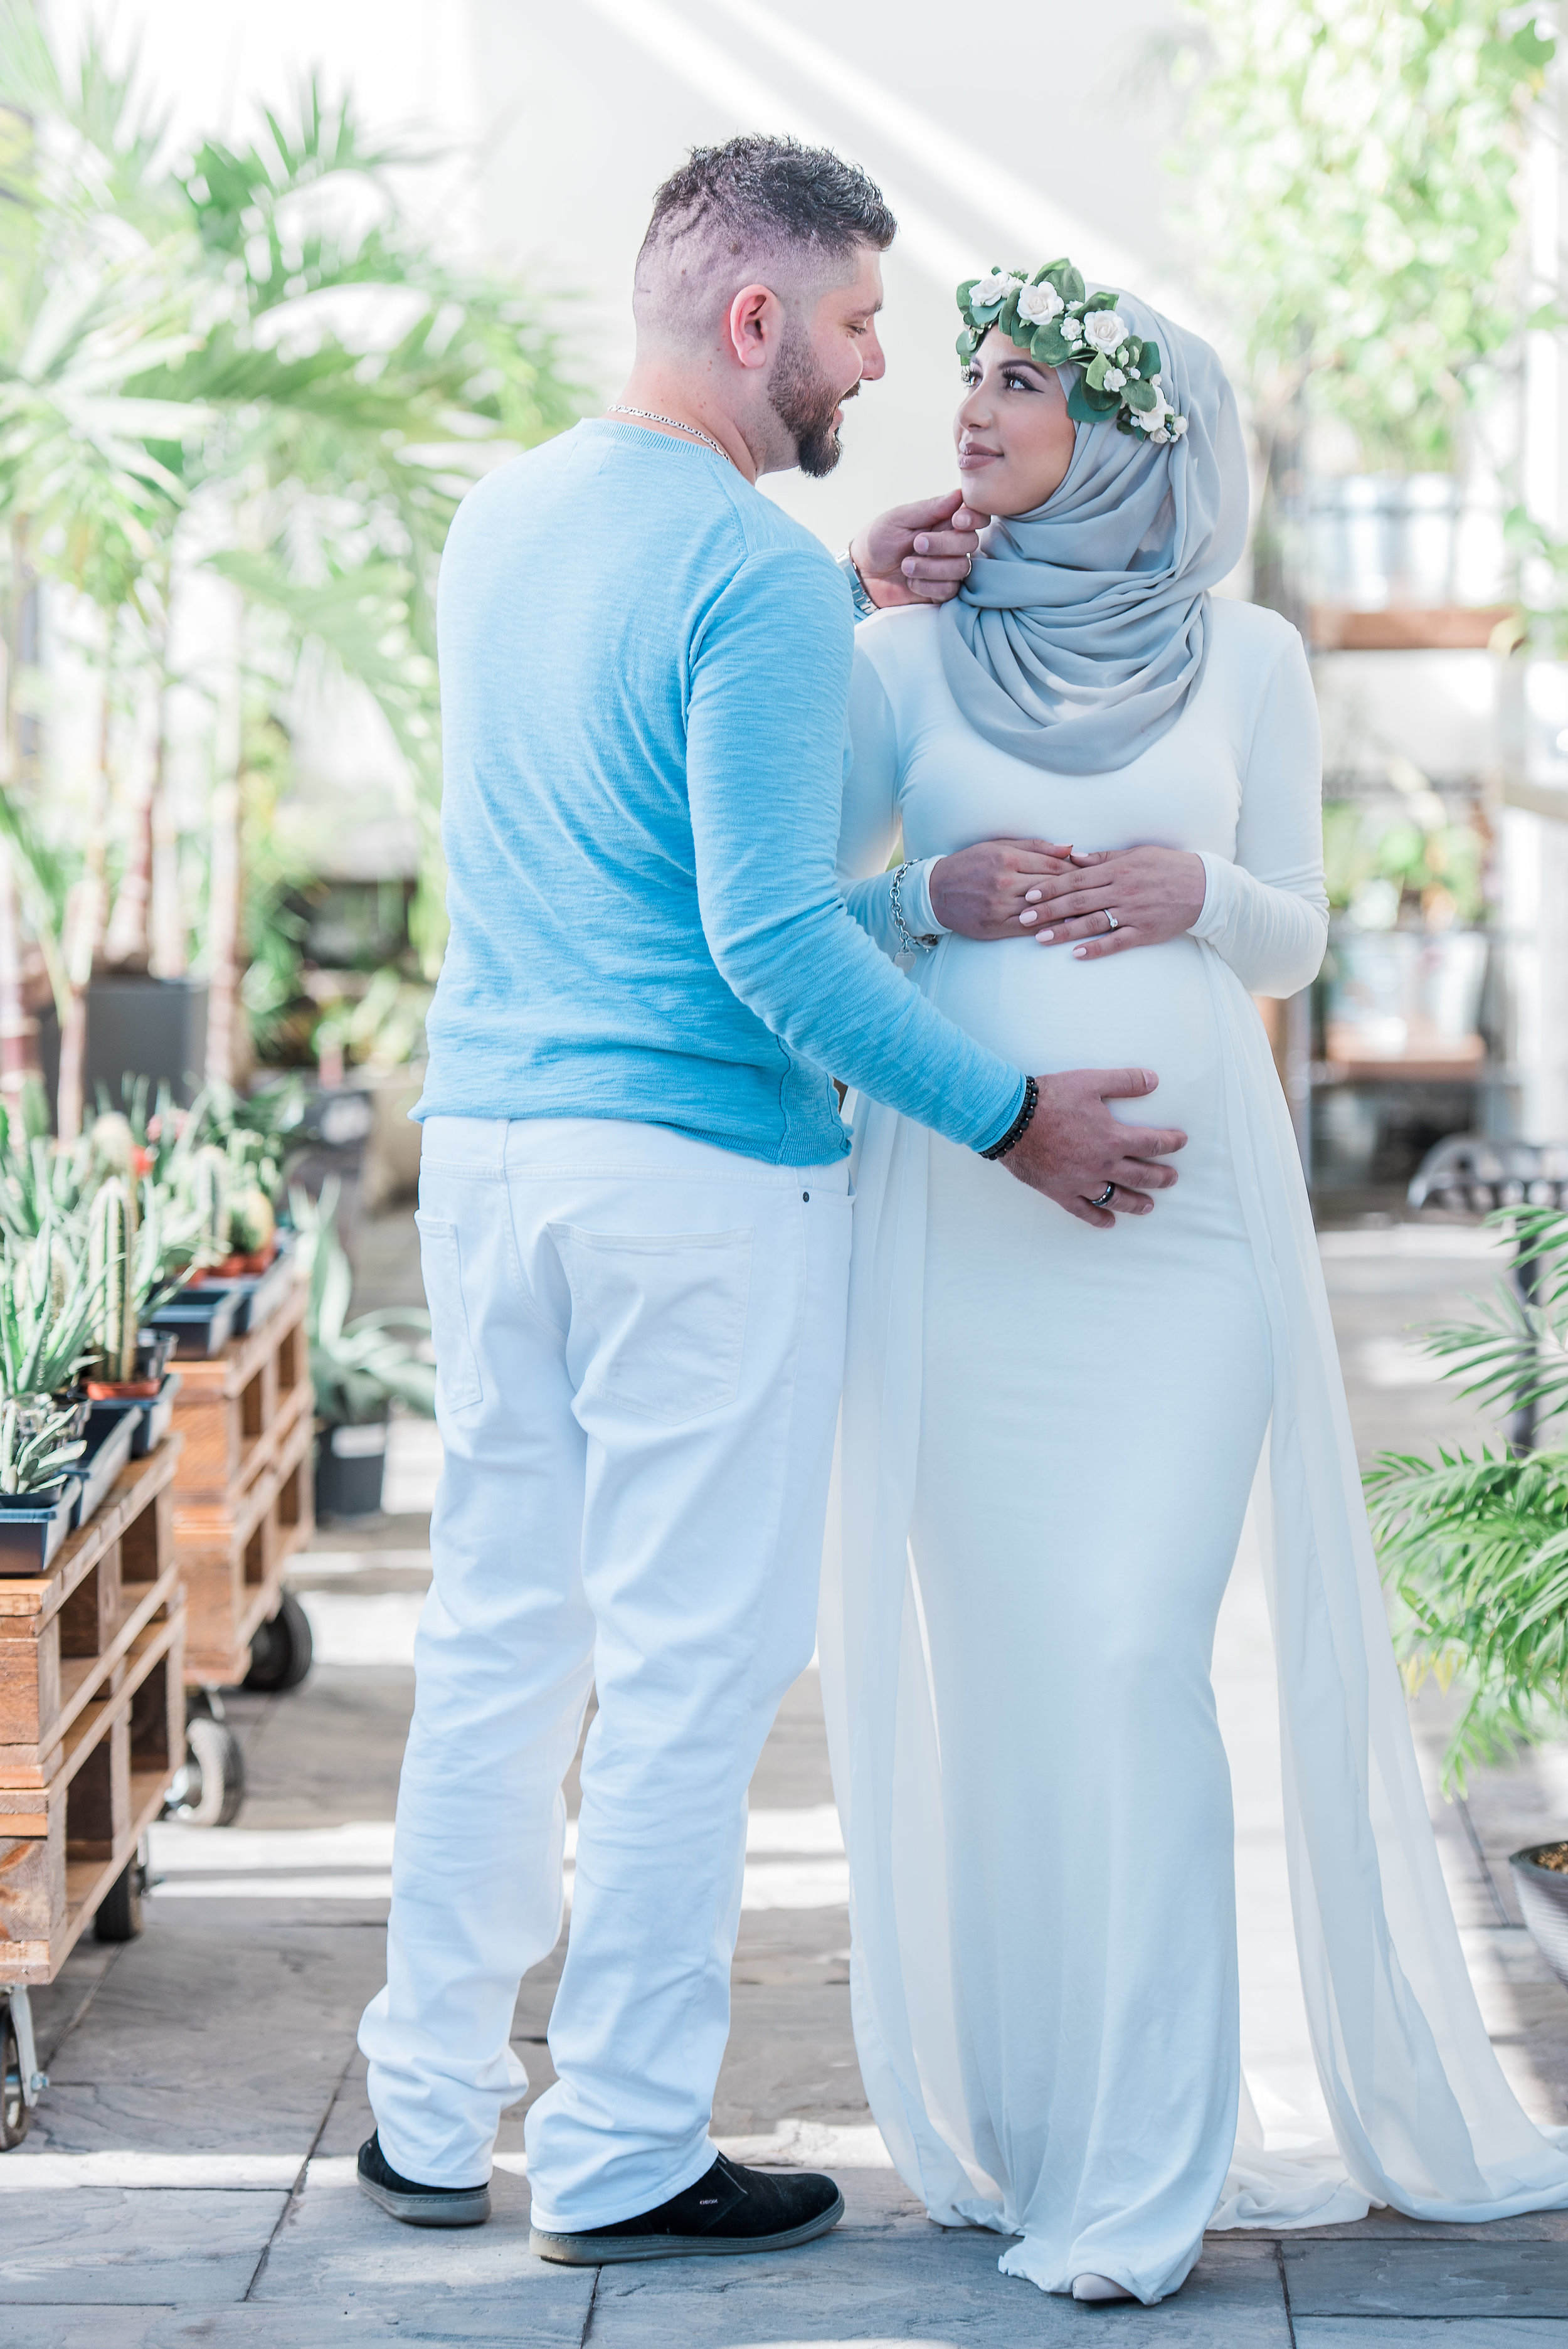 Tehaili_Hanan_Maternity_Photoshoot_WhiteDress.jpg